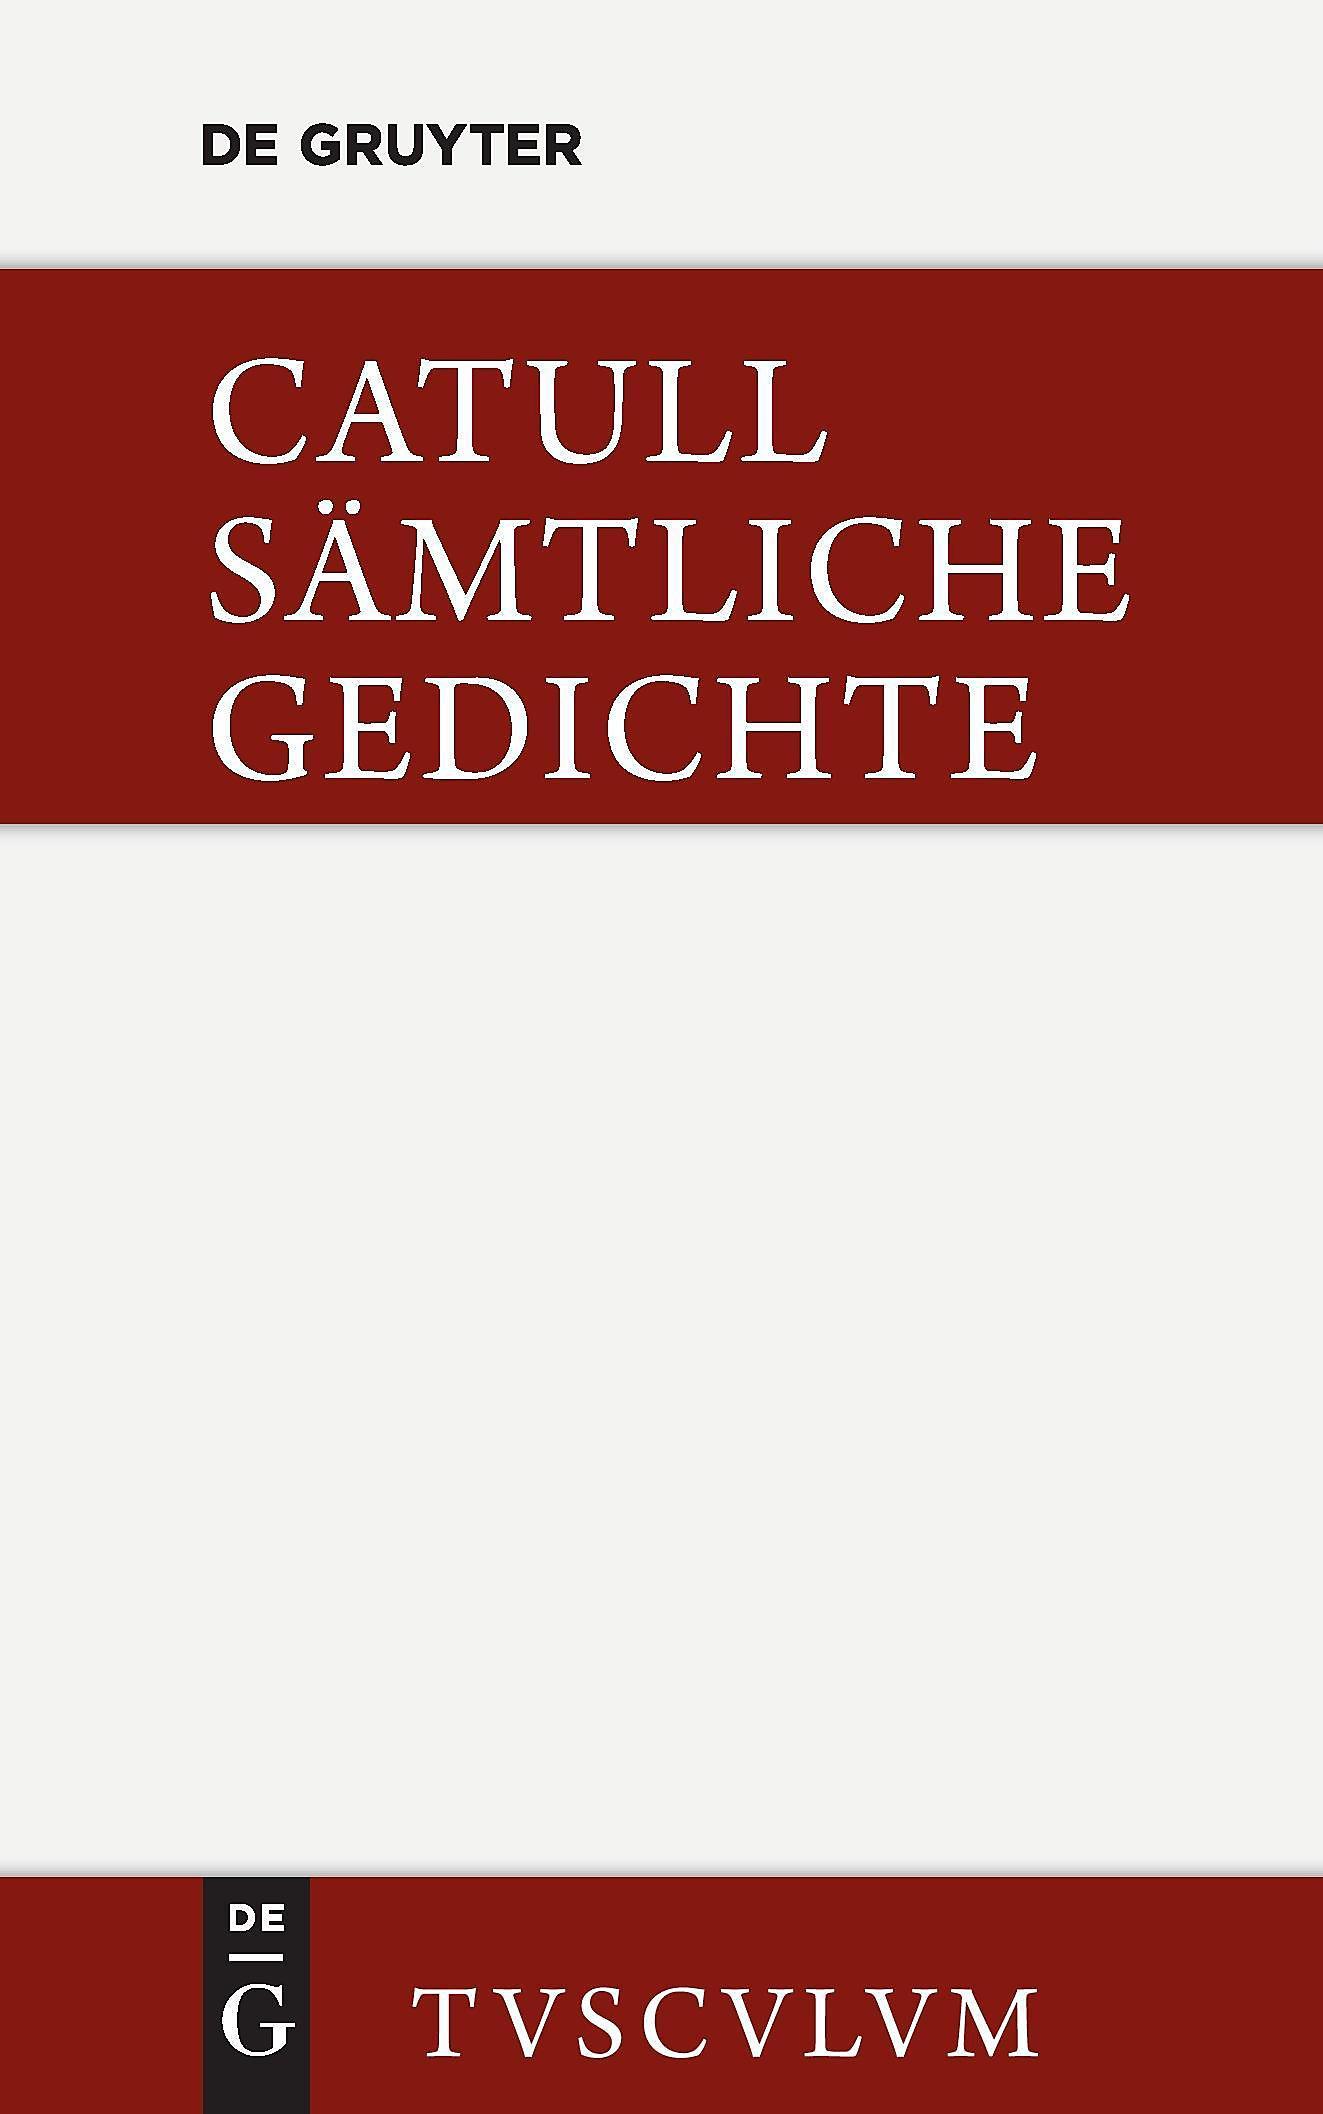 Sämtliche Gedichte Buch Von Catull Versandkostenfrei Bei